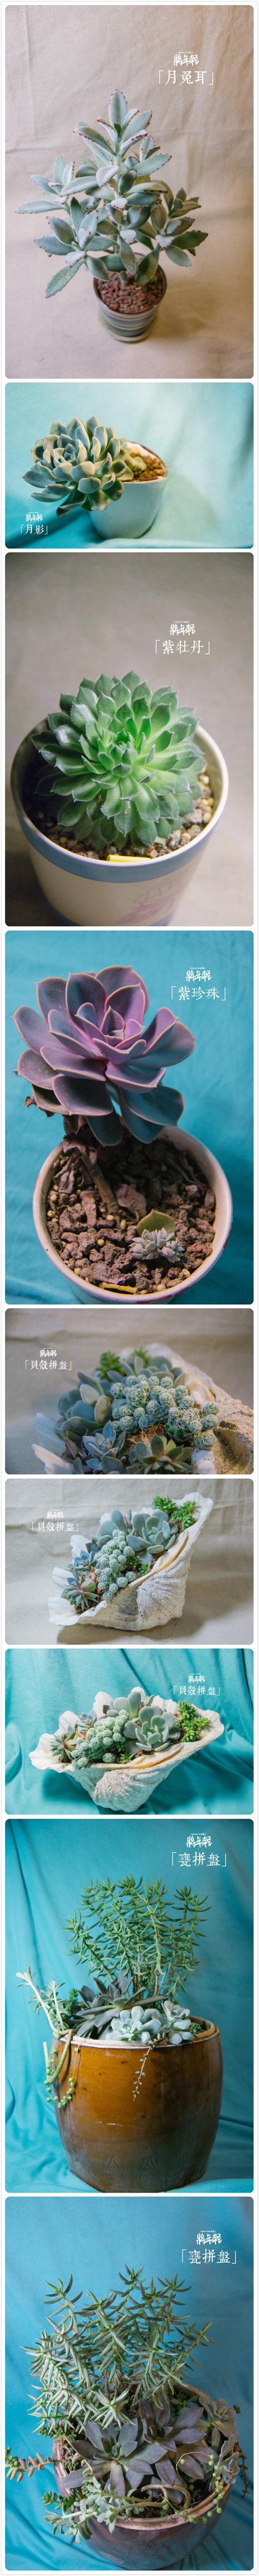 夏天多肉植物的真实样子-(9)